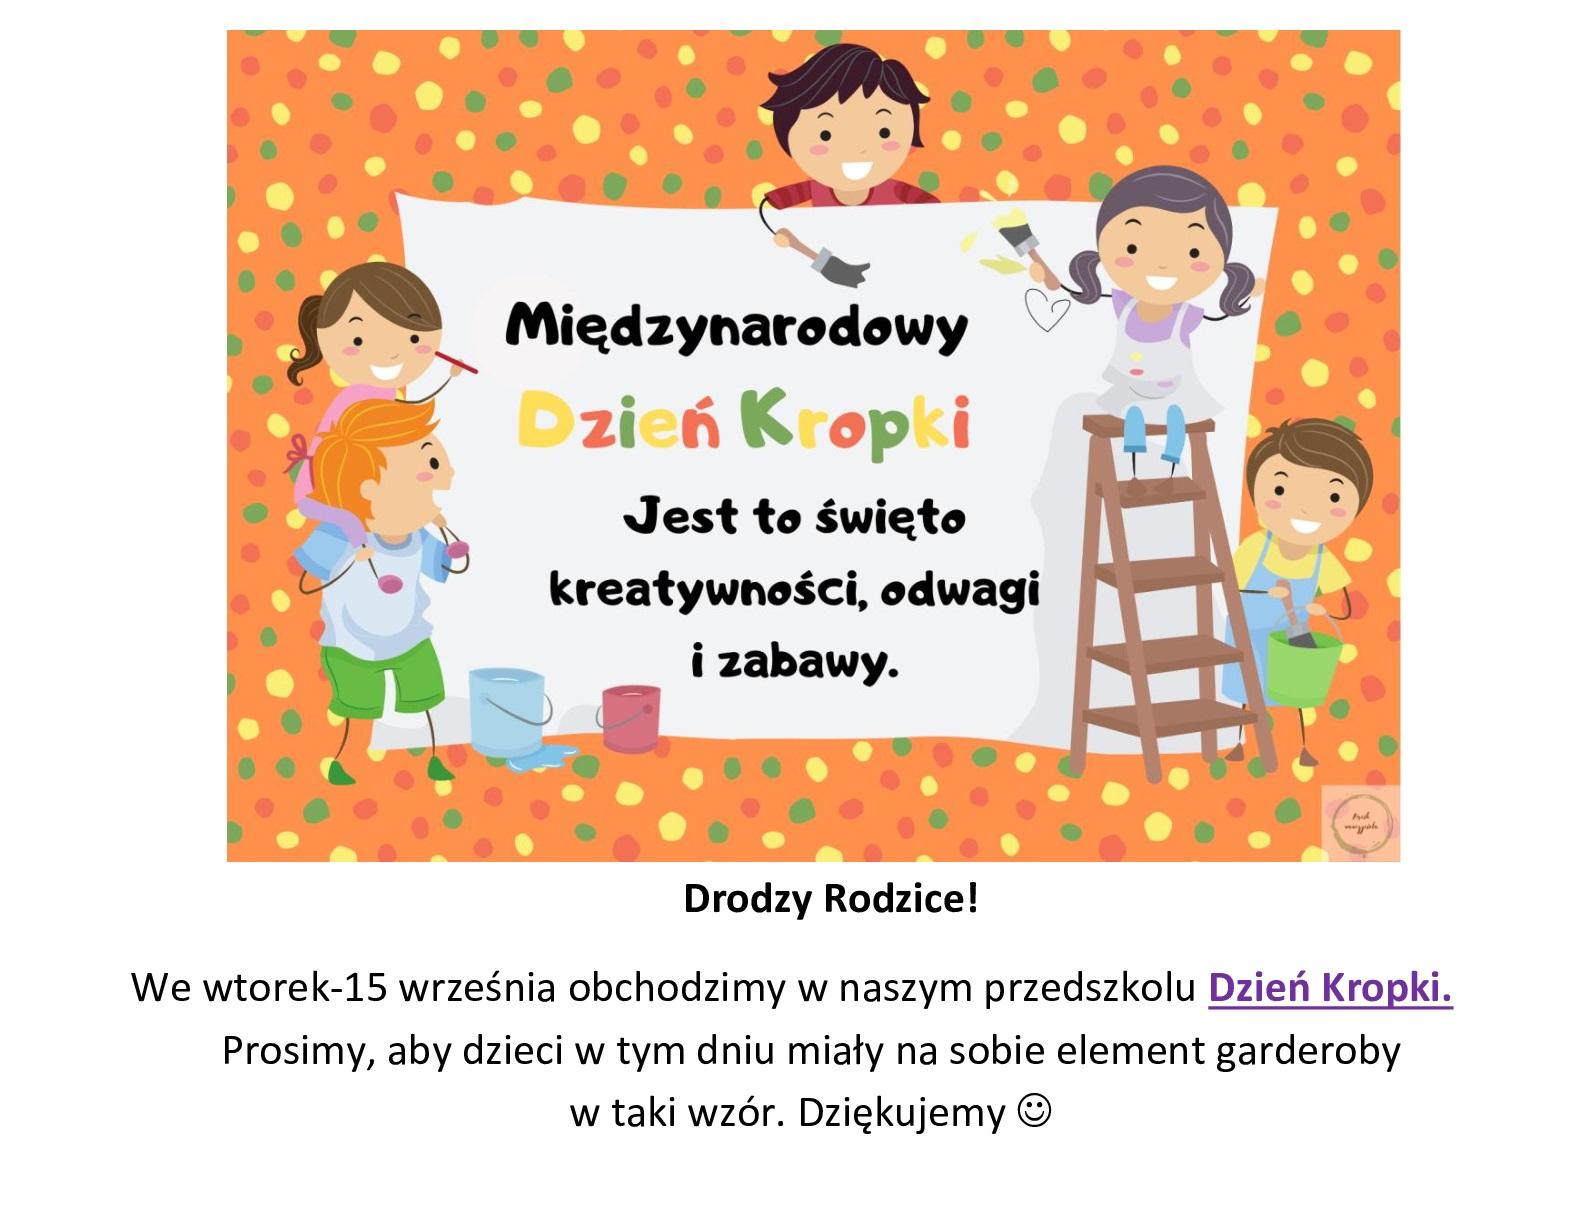 http://www.przedszkoleprzygodzice.pl/wp-content/uploads/2020/09/dzie%C5%84-kropki.jpg